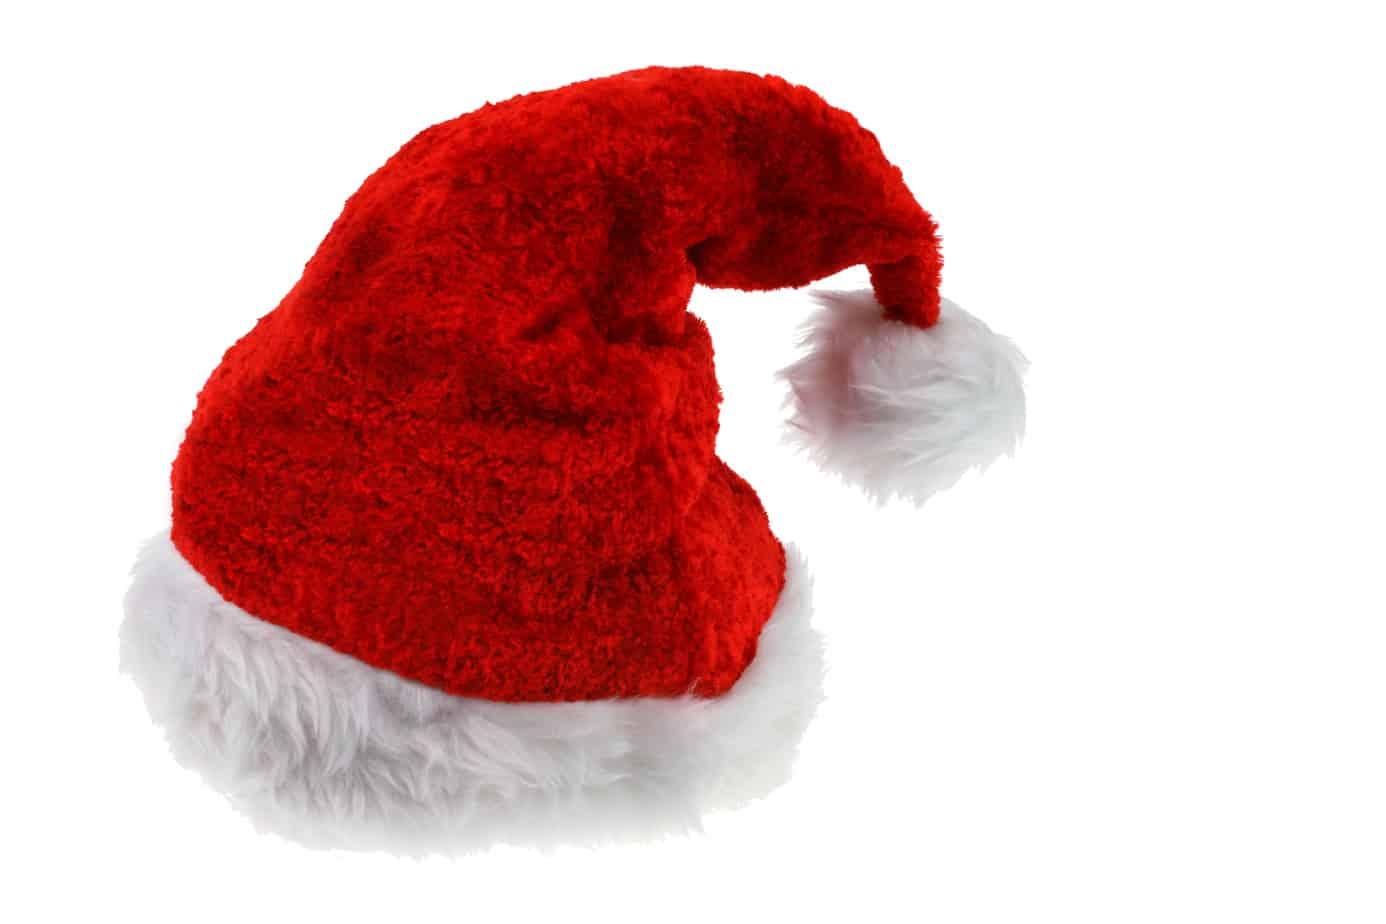 Rød, traditionel nissehue man bruger til juleunderholdning